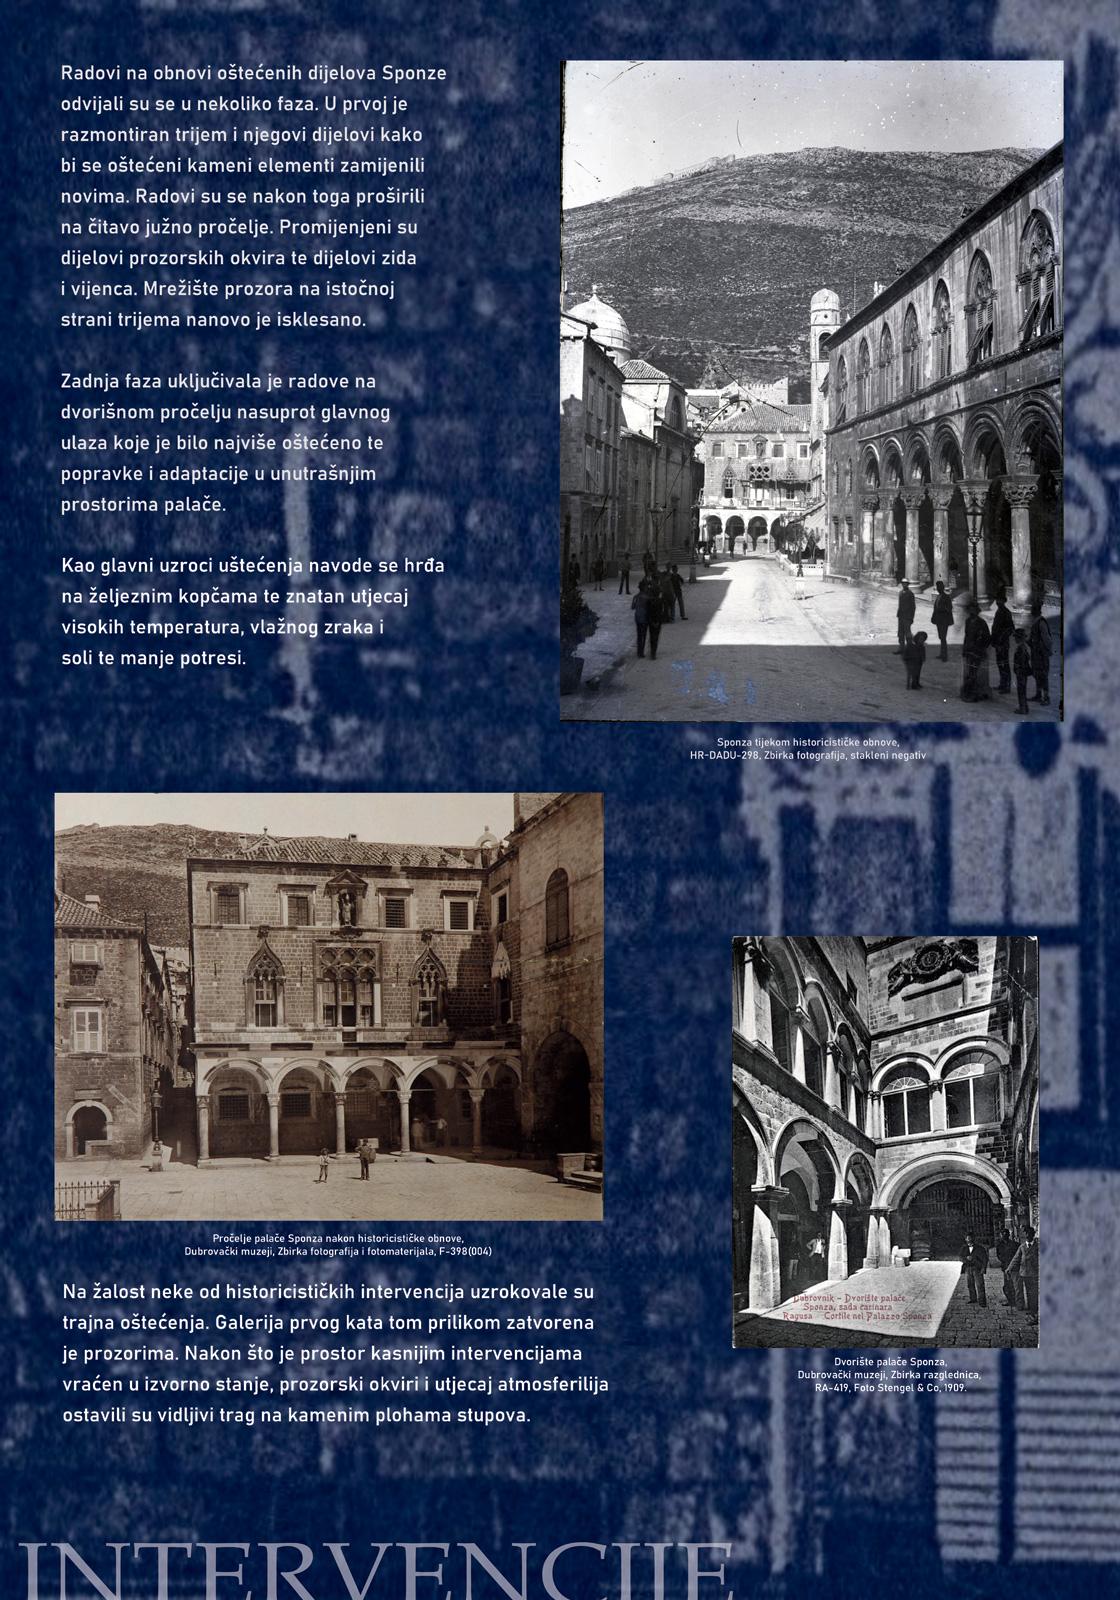 Panel 3 sa tekstom i slikama koje prikazuju historicističke intervencije u palaču Sponza u drugoj polovici 19. stoljeća